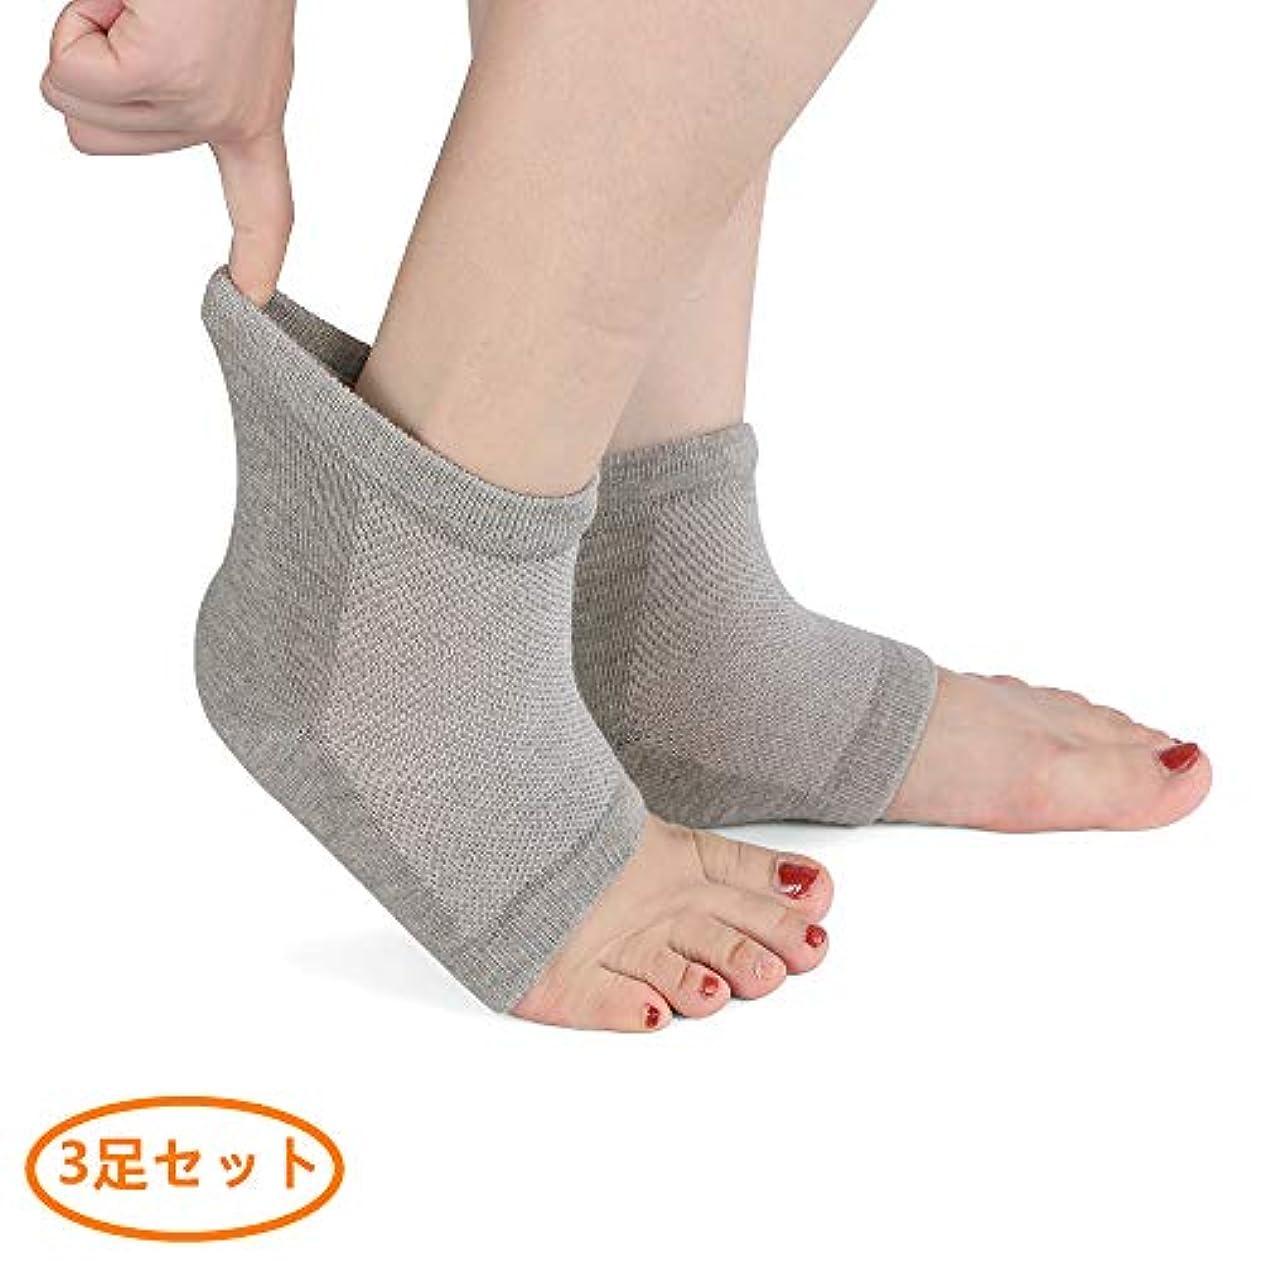 感じる動員する衝撃YUANSHOP1 かかとケア ソックス 3足セット かかと靴下 レディース メンズ ひび割れケア/角質除去/保湿/美容 足SPA 足ケア フリーサイズ (グレー)